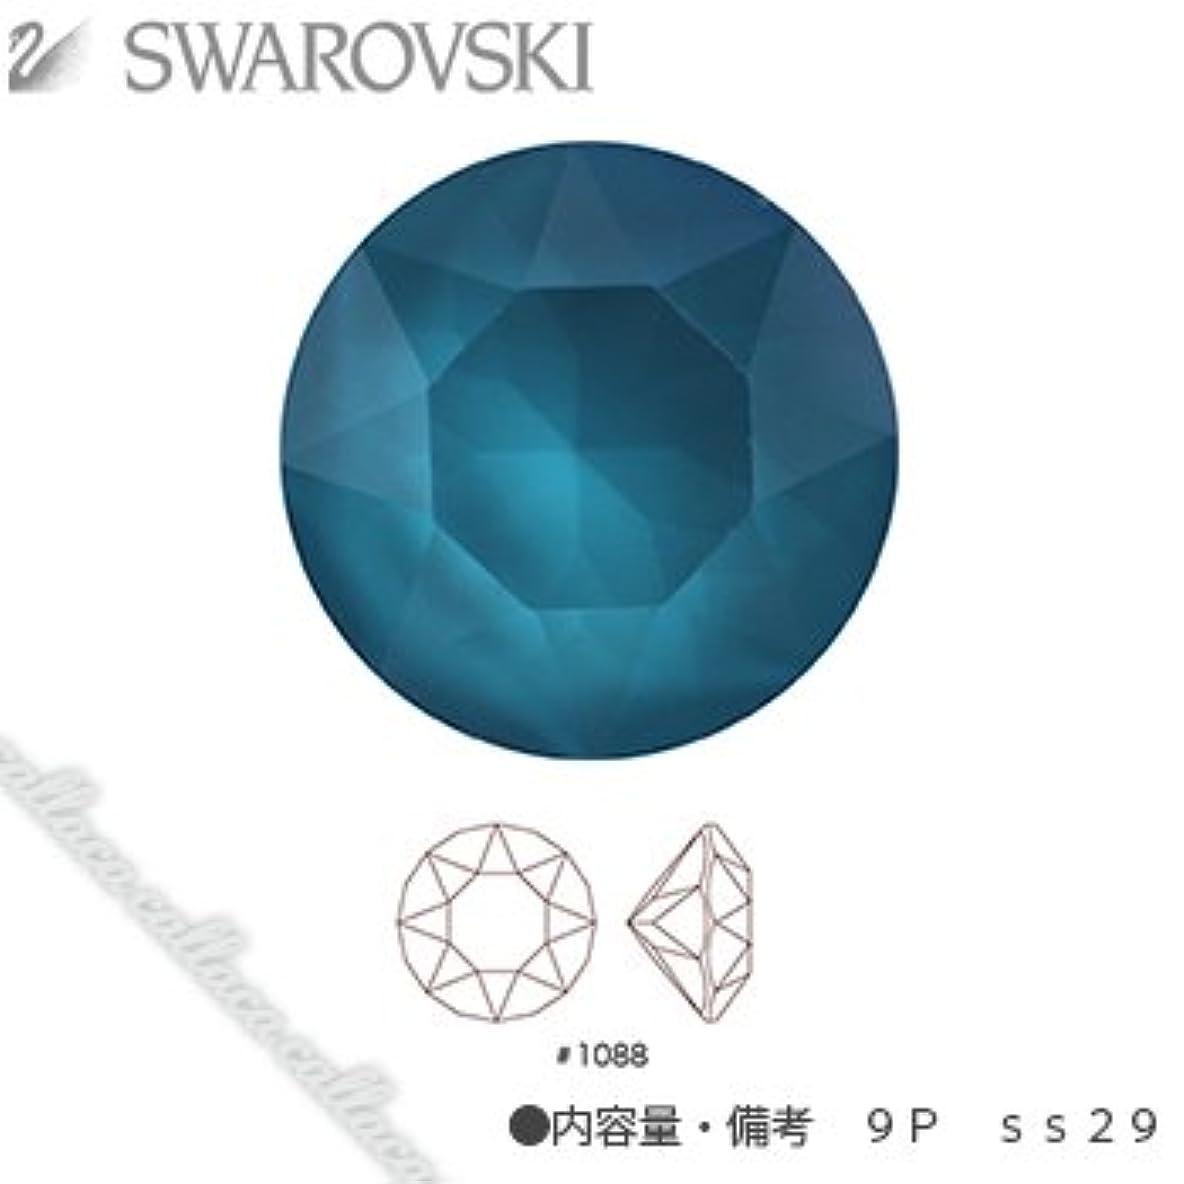 シールド料理をする第五SWAROVSKI スワロフスキー クリスタルアゾレブルー ss29 #1088 チャトン(Vカット) 9P